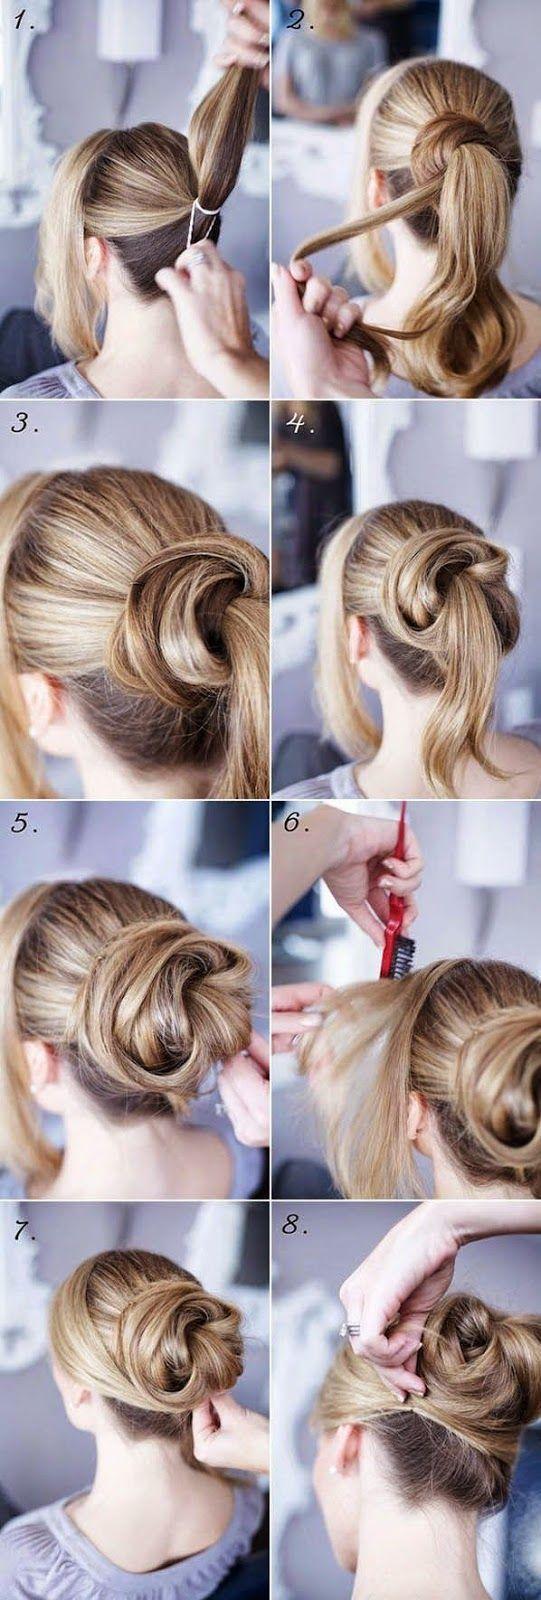 Pode ser feito com Aplique tic tac   Acesse   www.dhermobela.com.br